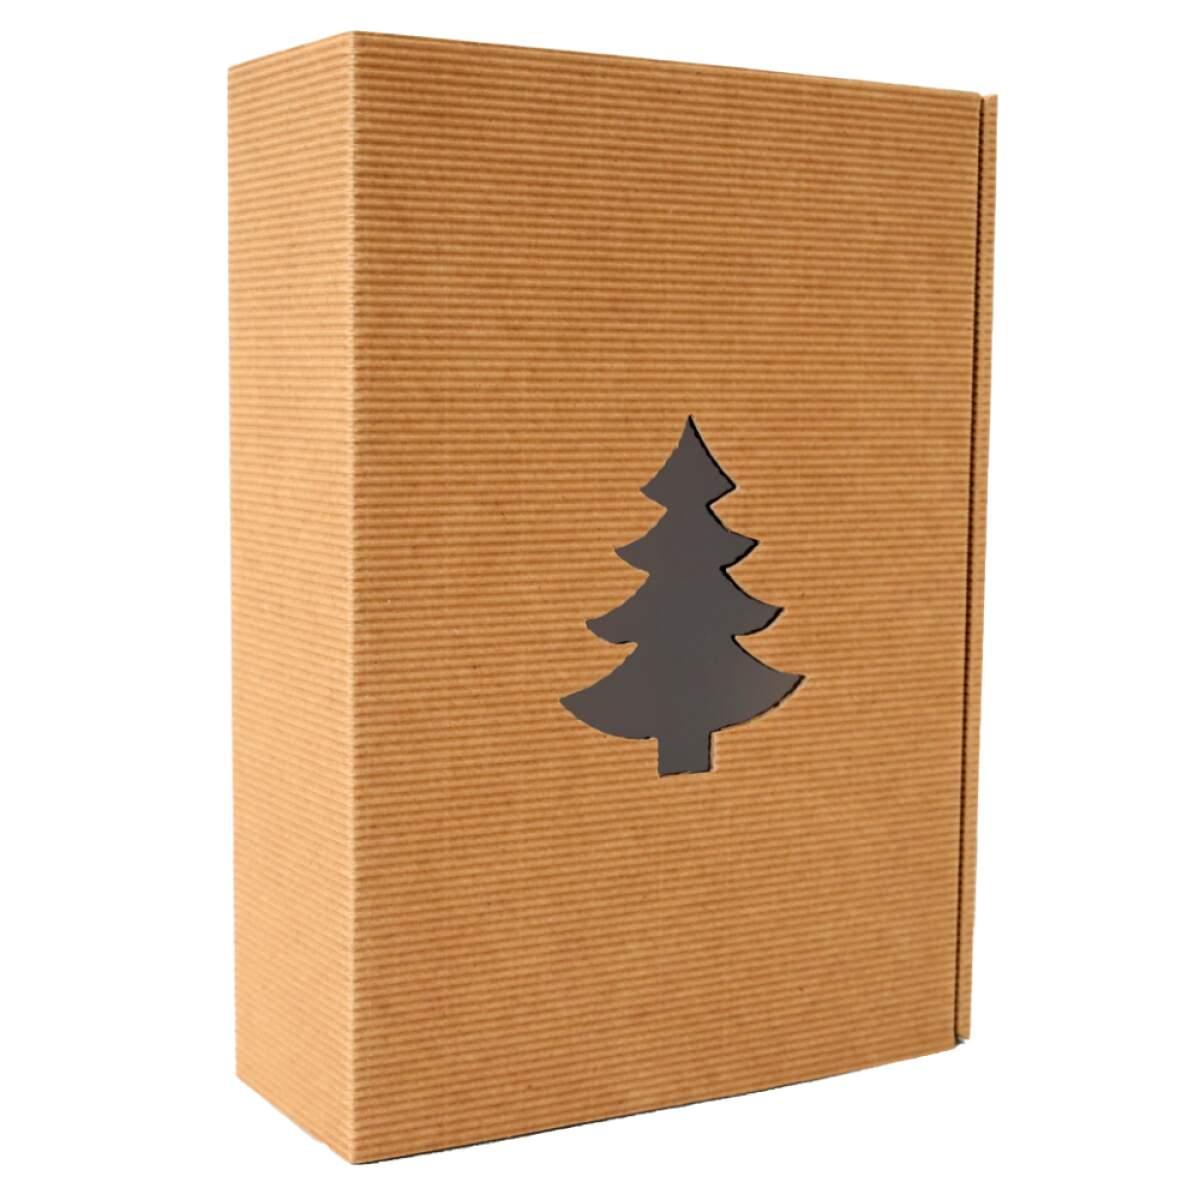 Box-Gr-L-Baum-nature_2107_1000px